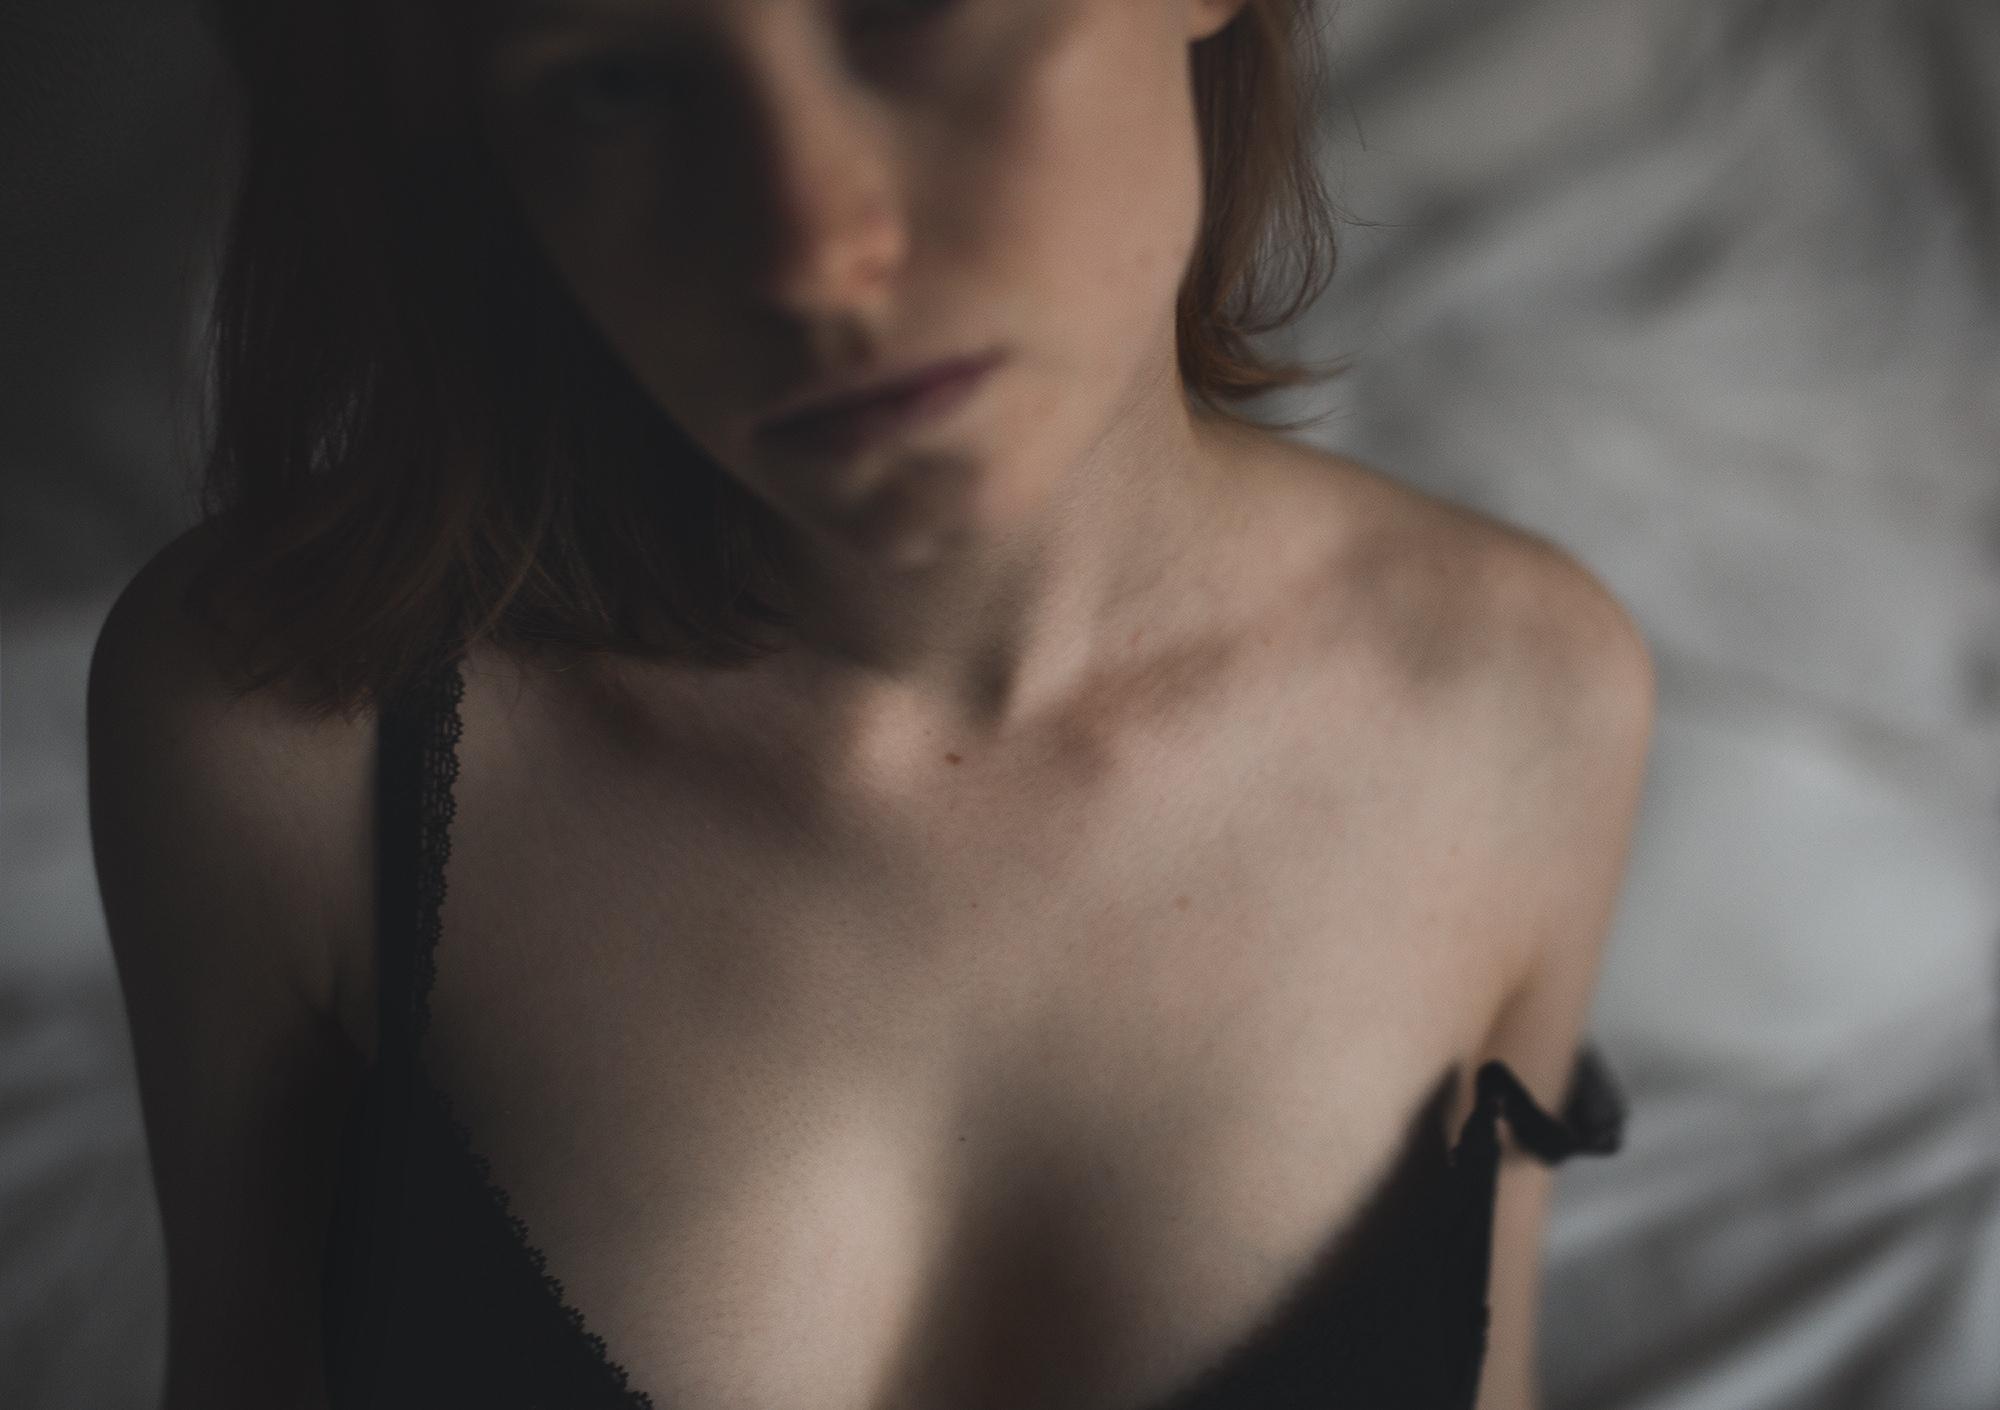 https://youngfolks.ru/pub/model-masha-bobrova-photograph-natalya-bezrukikh